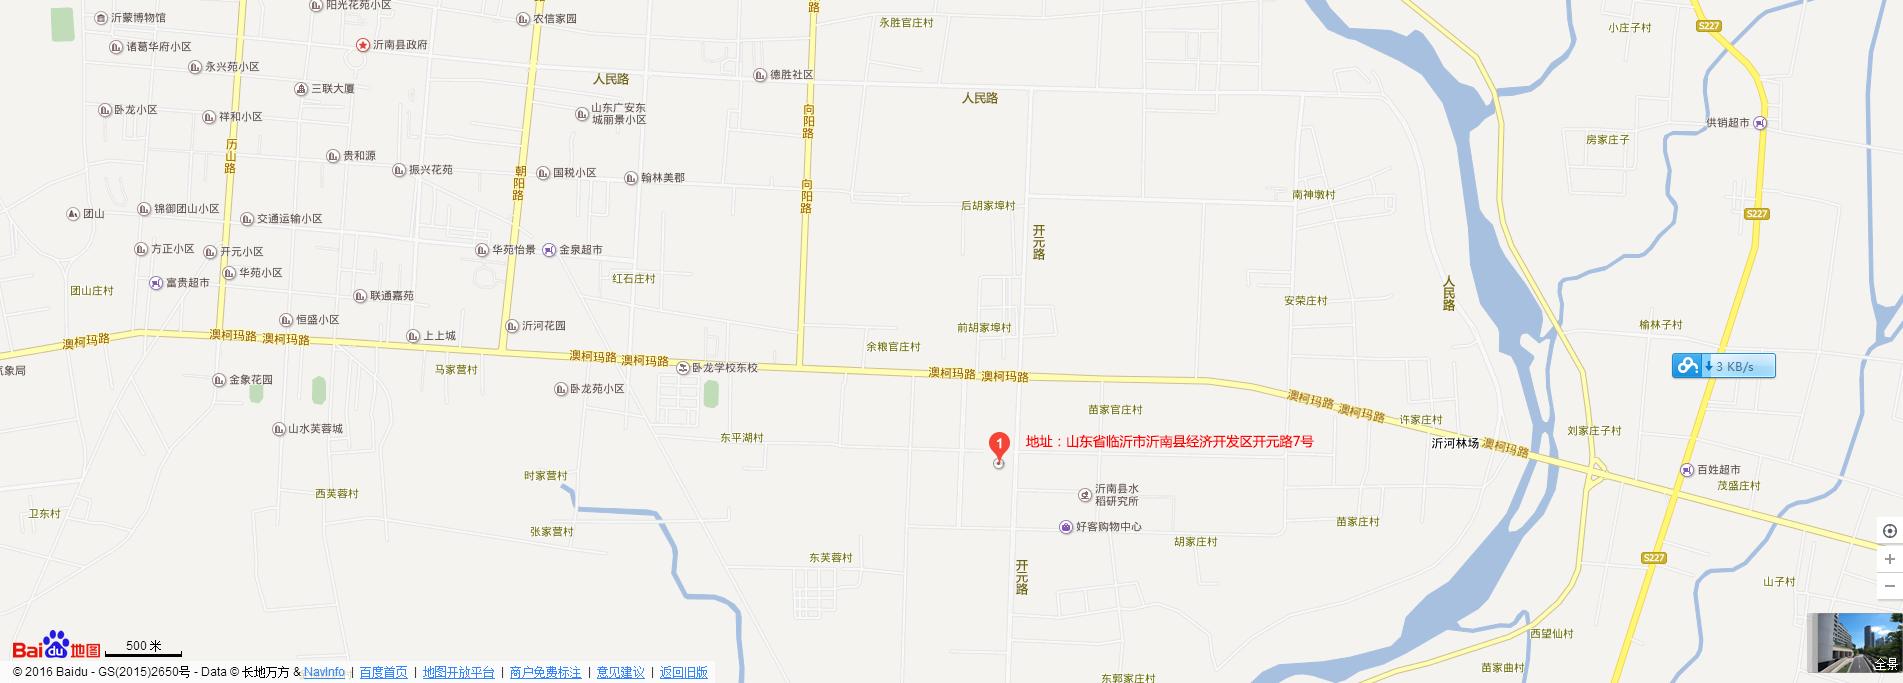 通讯地址:山东省临沂市沂南县经济开发区开元路7号 电  话:0539